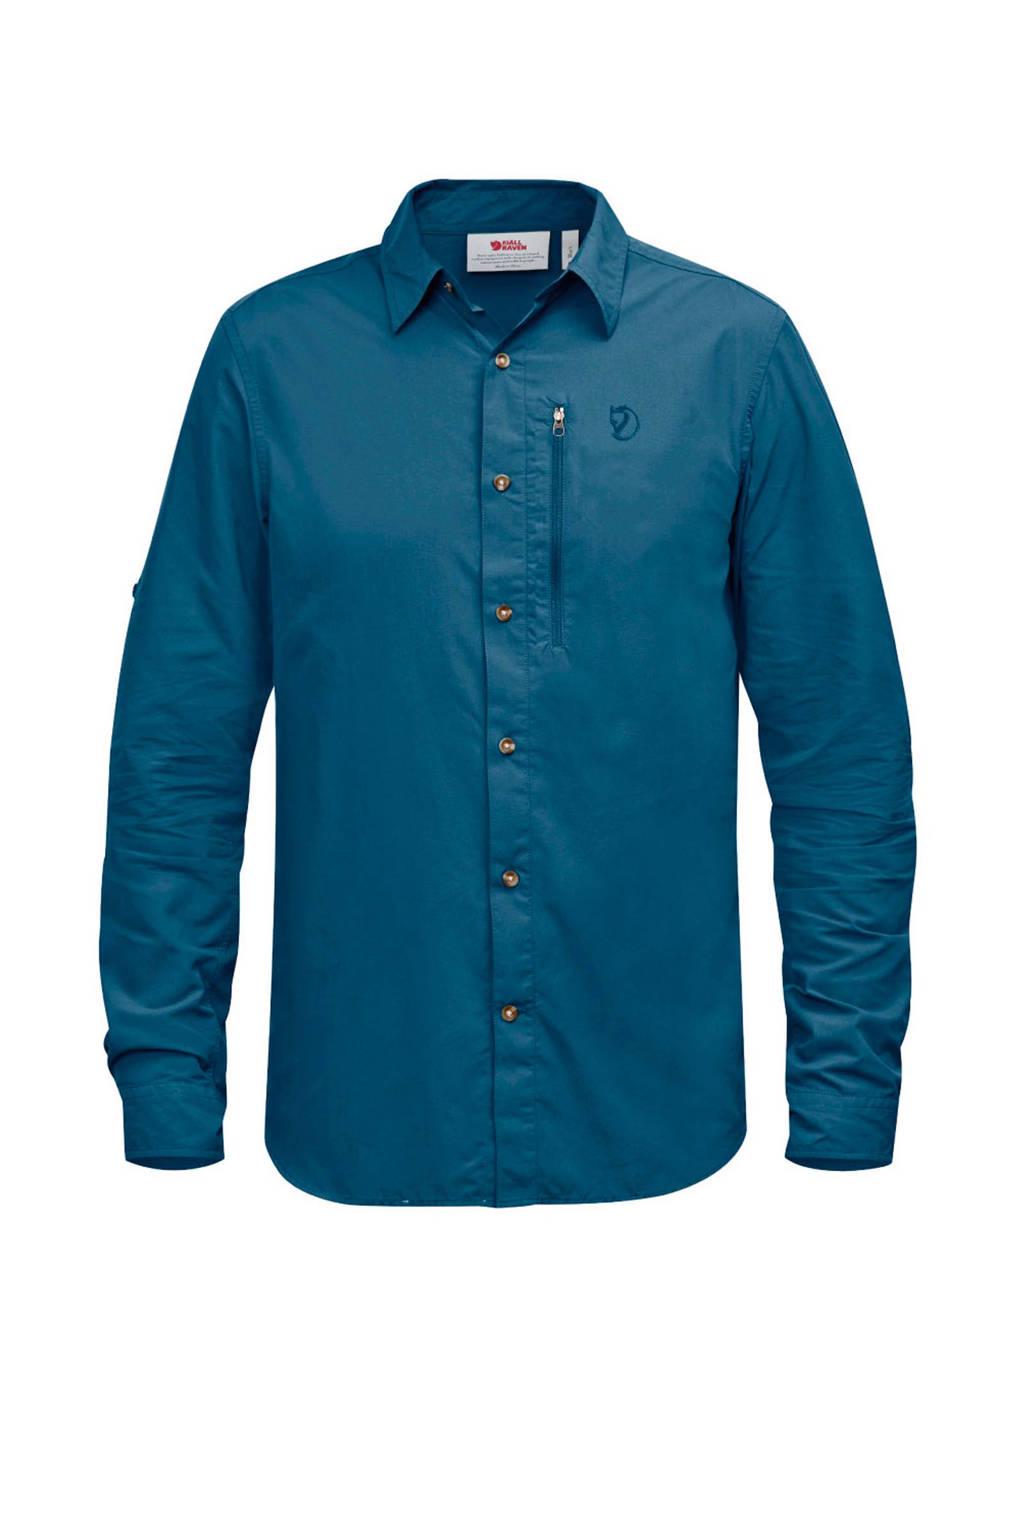 Fjällräven Abisko Hike outdoor overhemd, Blauw